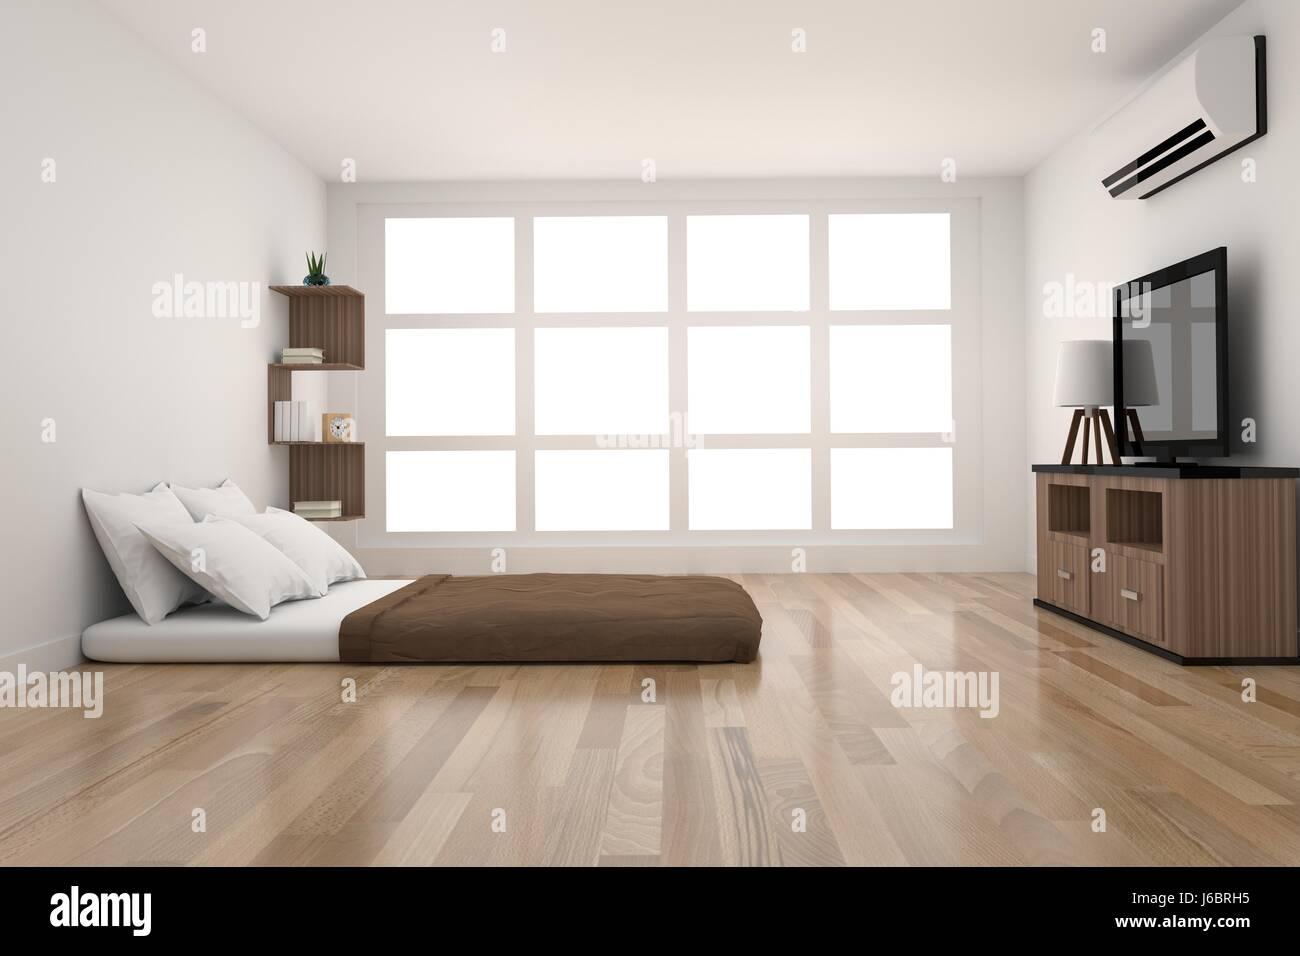 Moderne Schlafzimmer Dekoration im Parkett Holz Design mit Licht vom ...